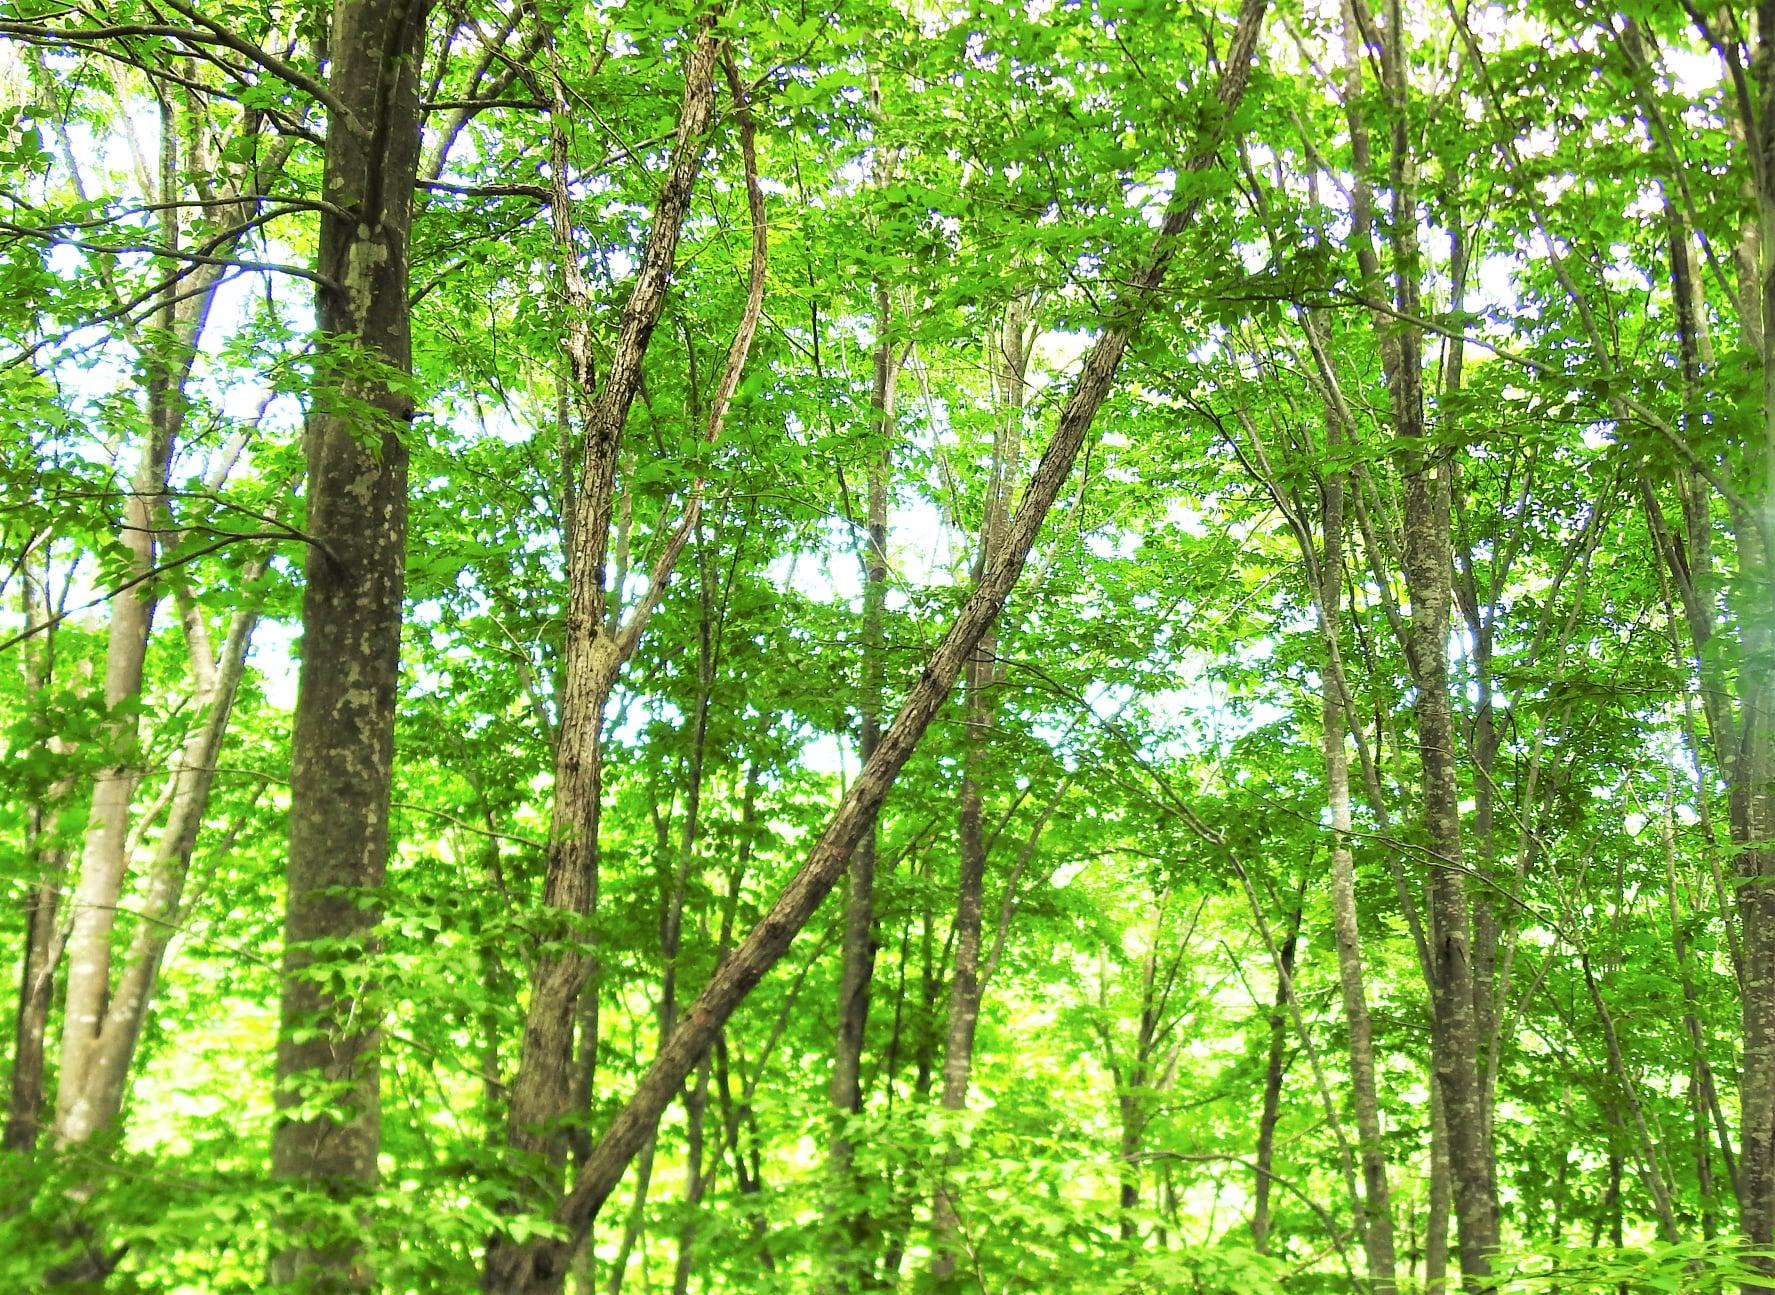 ブナとミズナラの森